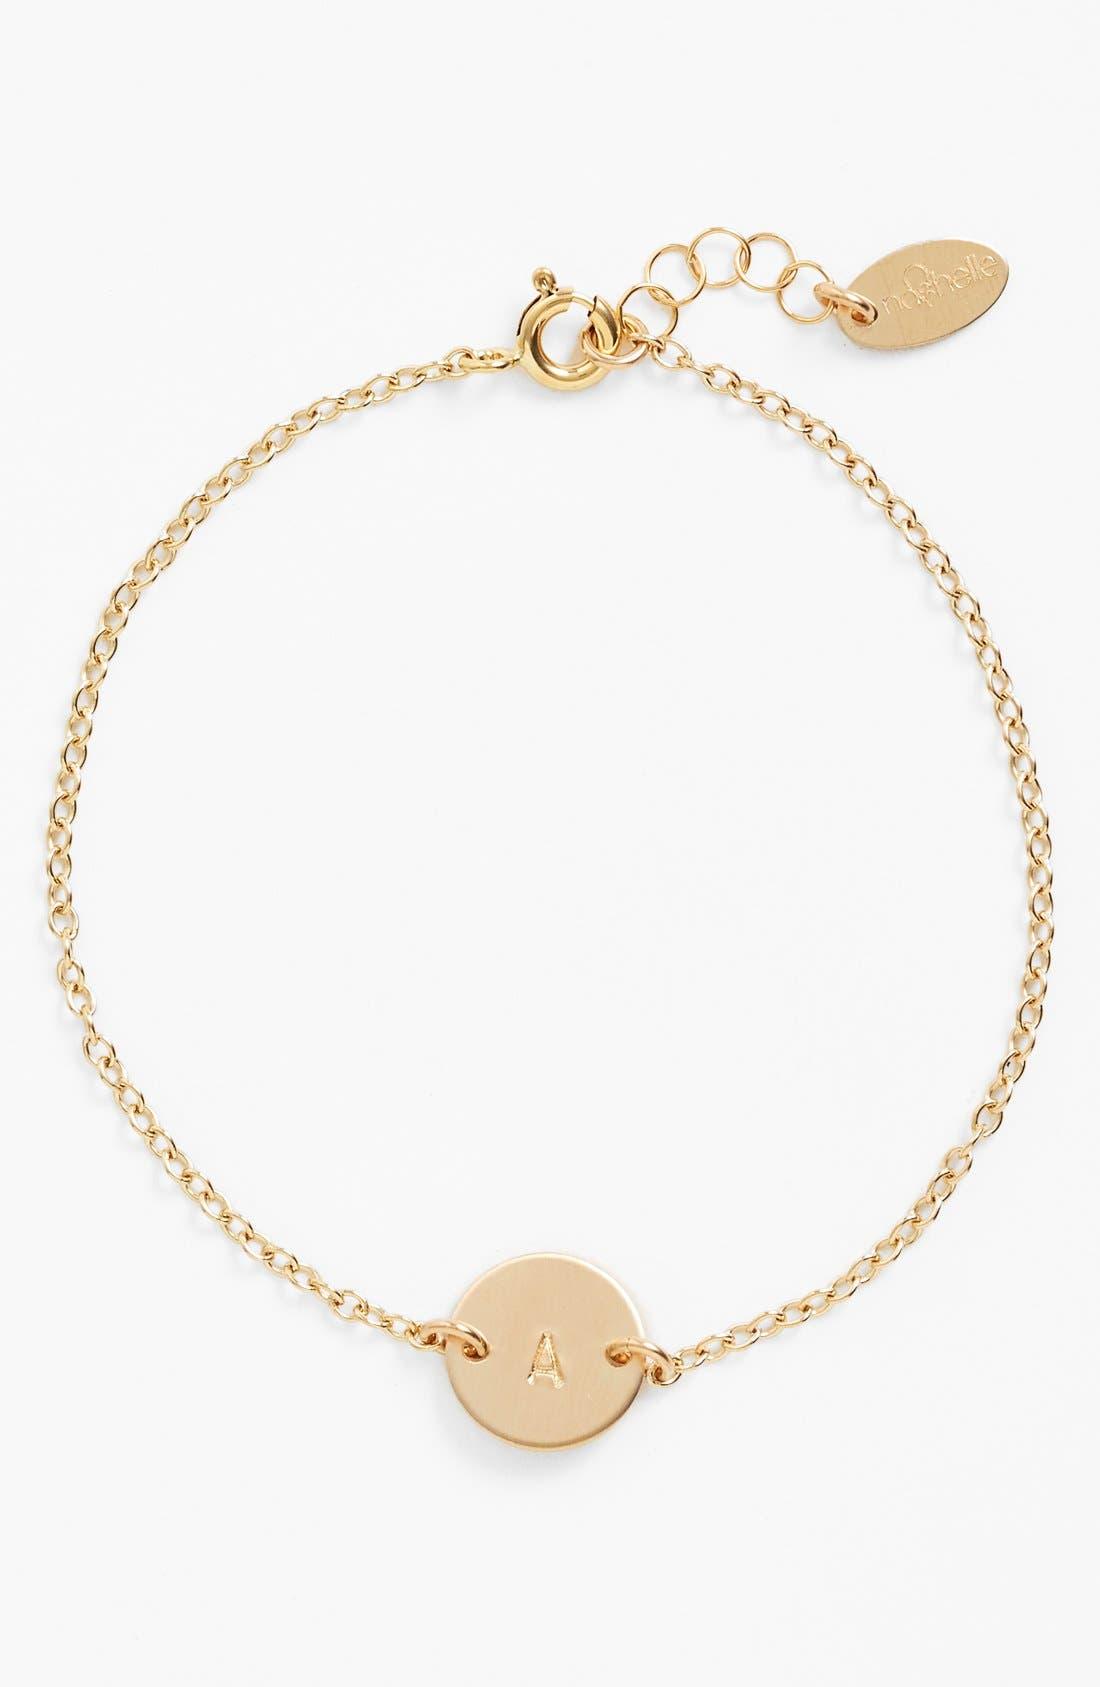 NASHELLE, Initial Mini Disc Bracelet, Main thumbnail 1, color, 14K GOLD FILL A